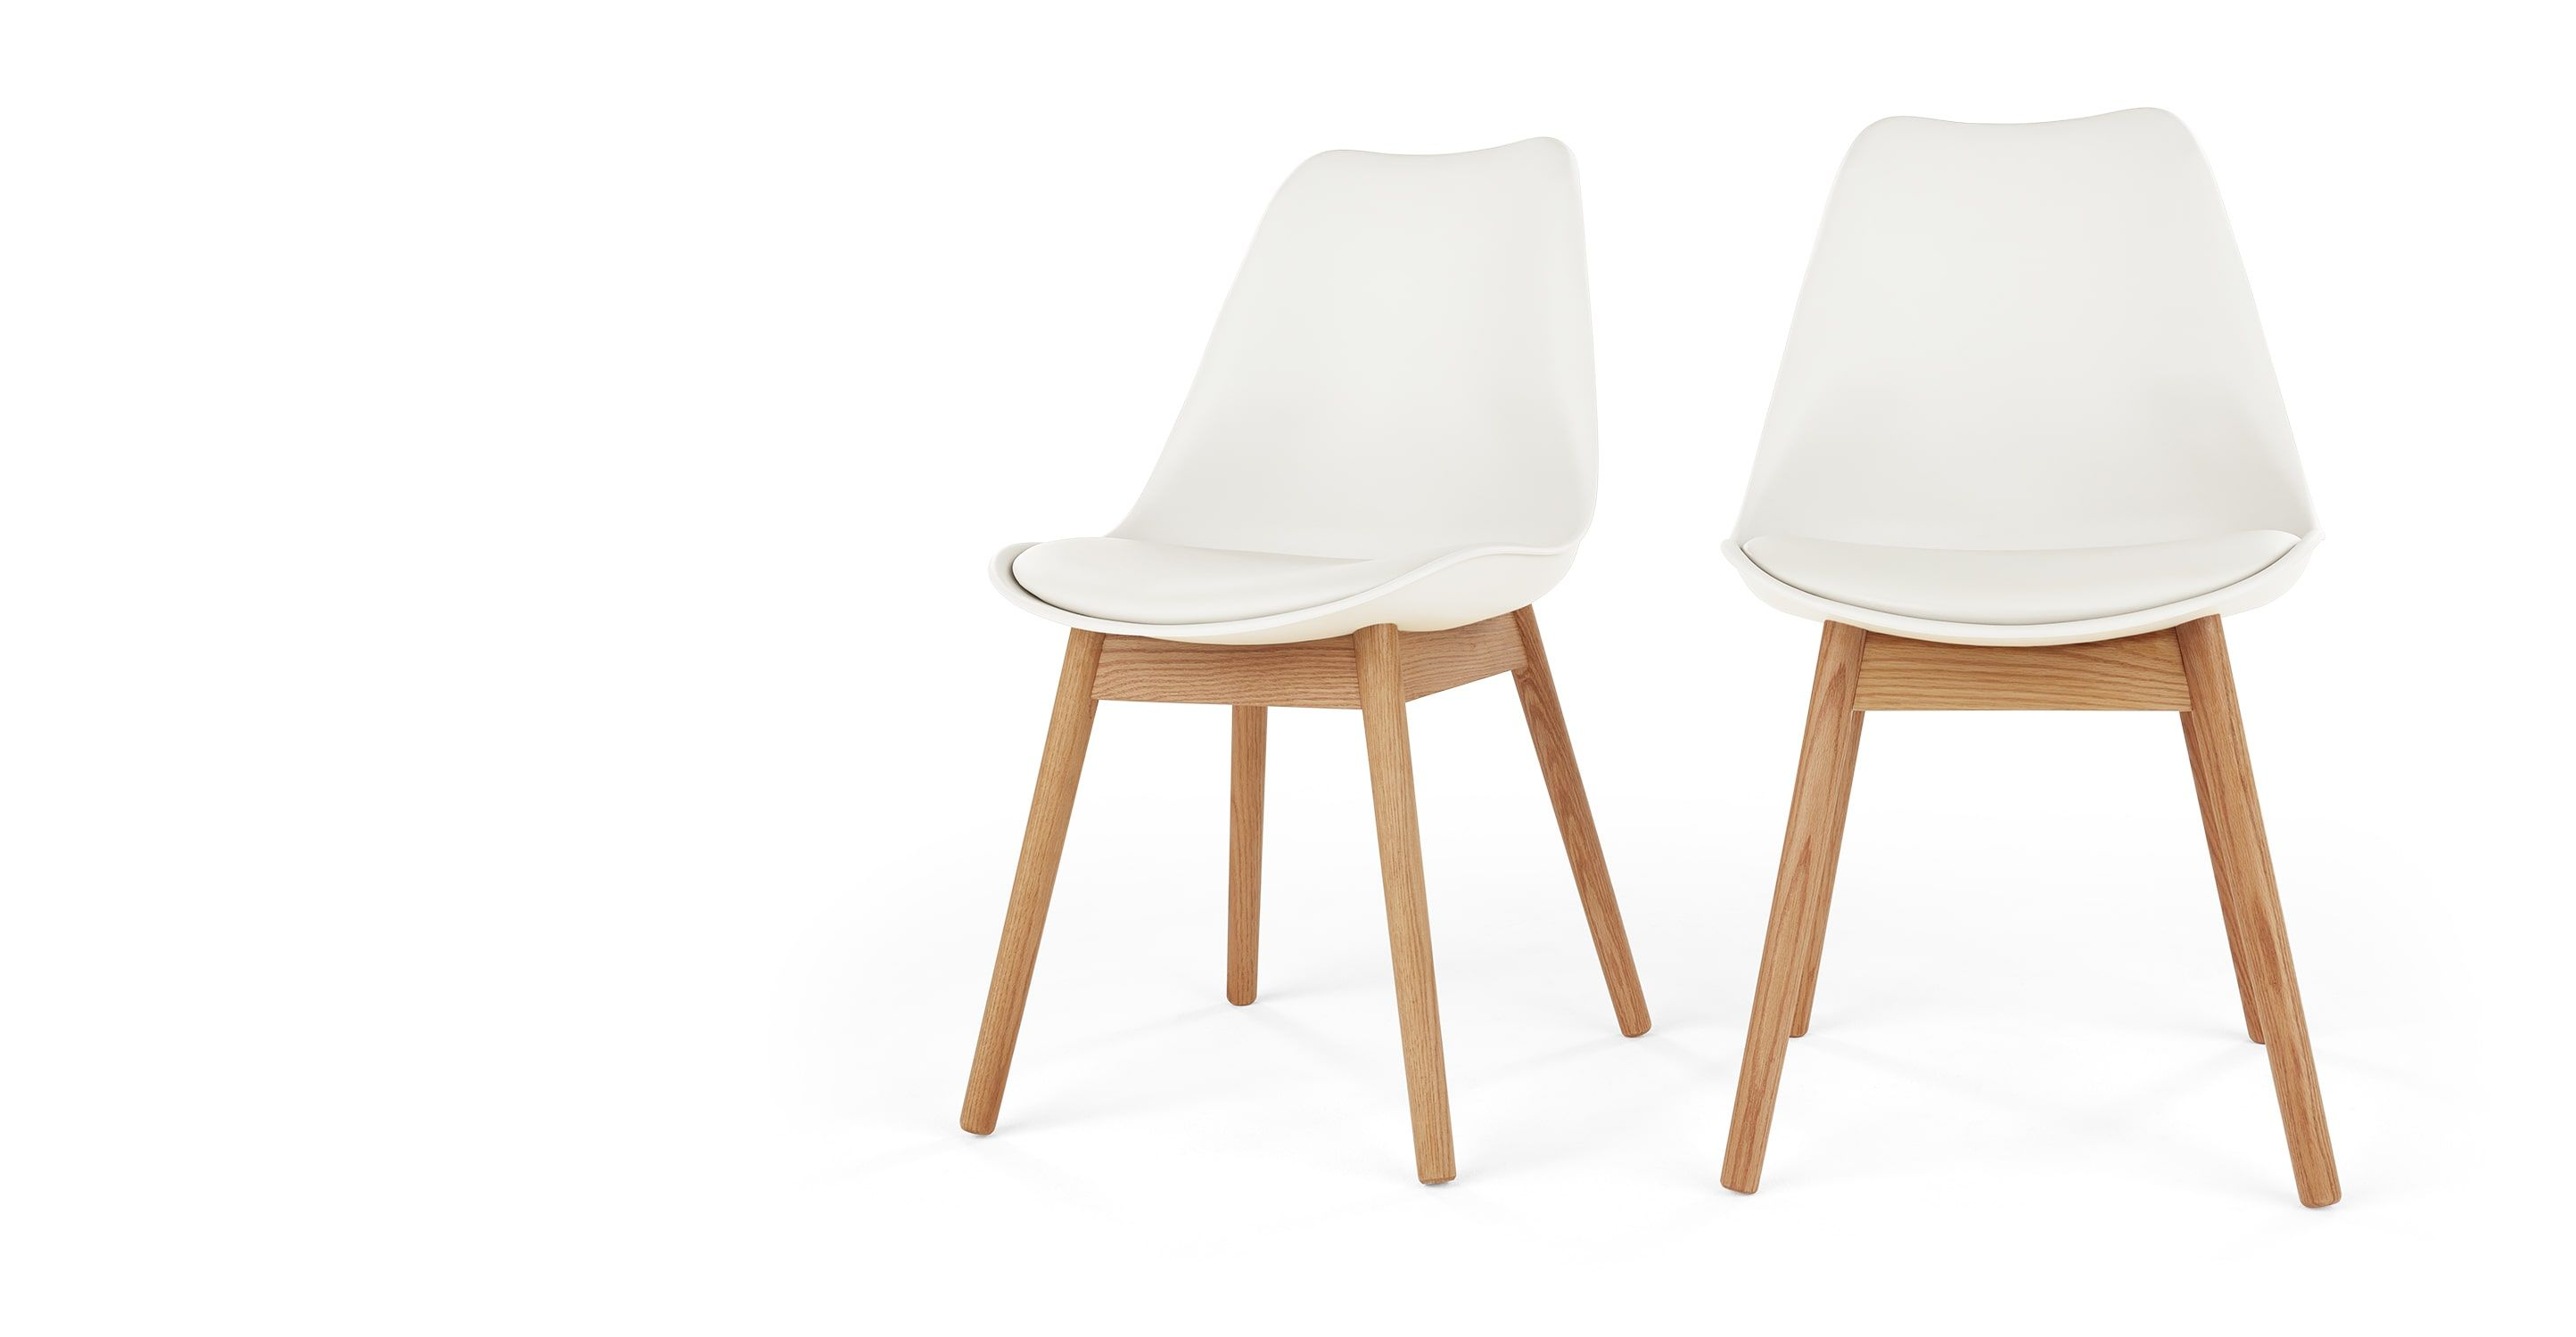 2 X Thelma Esszimmerstühle, Eiche Und Weiß   MADE.COM | Küche Und Esszimmer